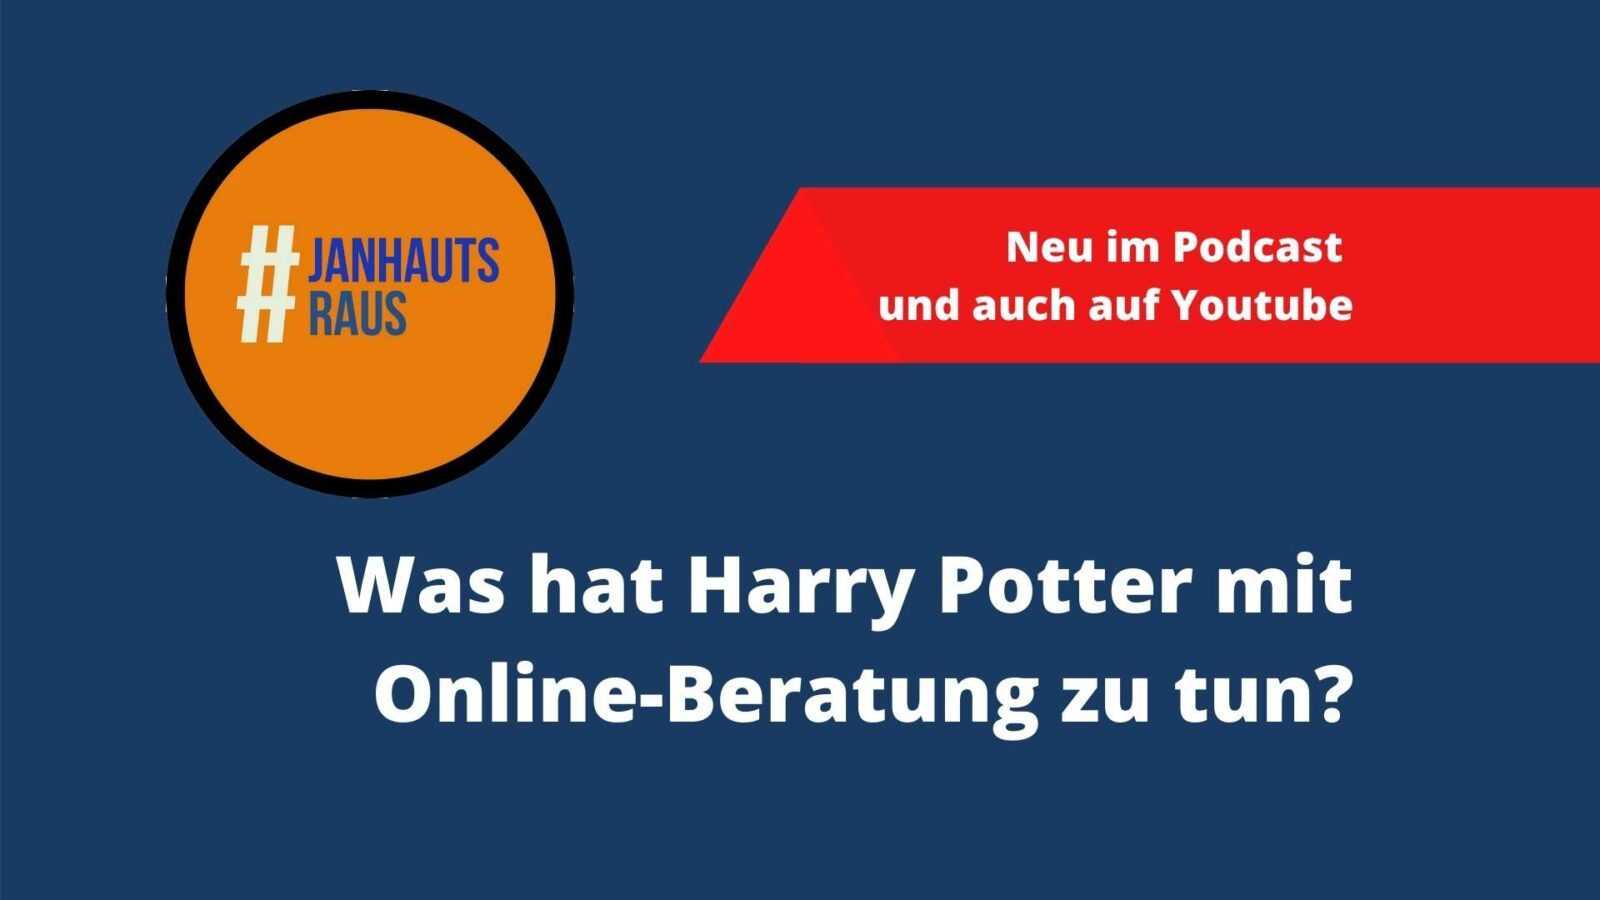 #janhautsraus - Was hat Harry Potter mit Online-Beratung zu tun?